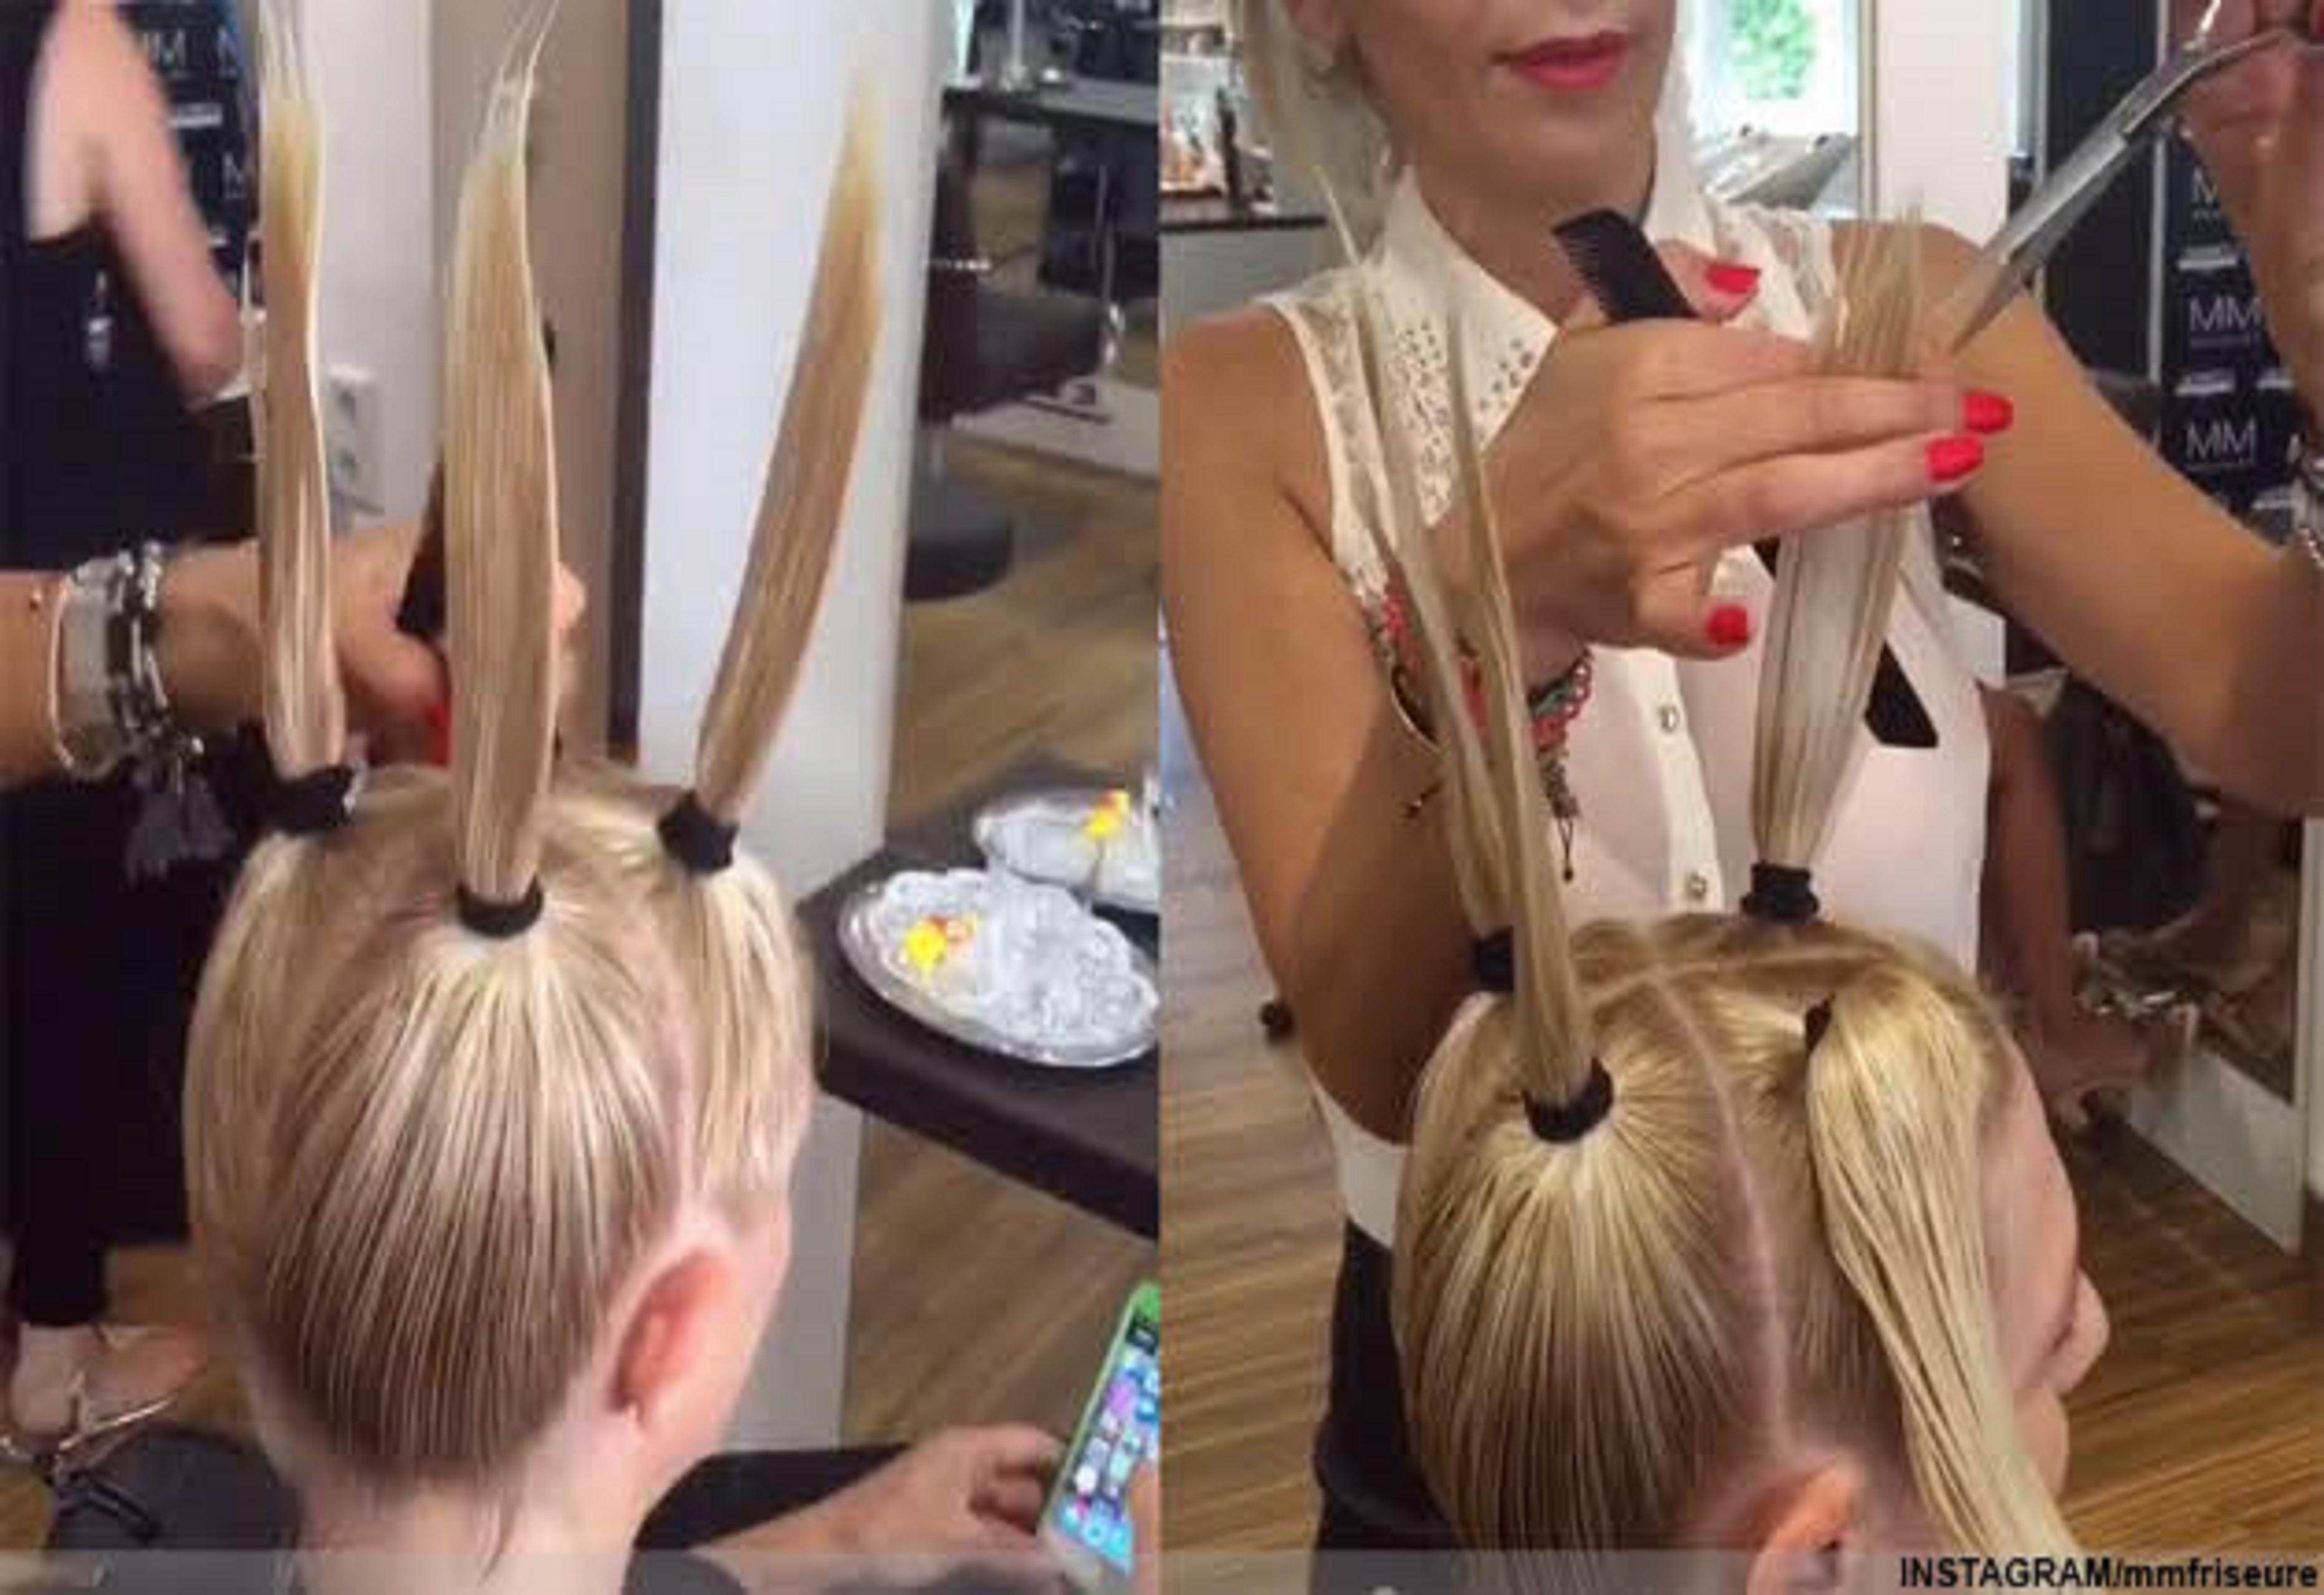 Izrādās, ka mums visiem frizētavā nepareizi griež matus. Lūk, ko ar matiem dara šī meistare!